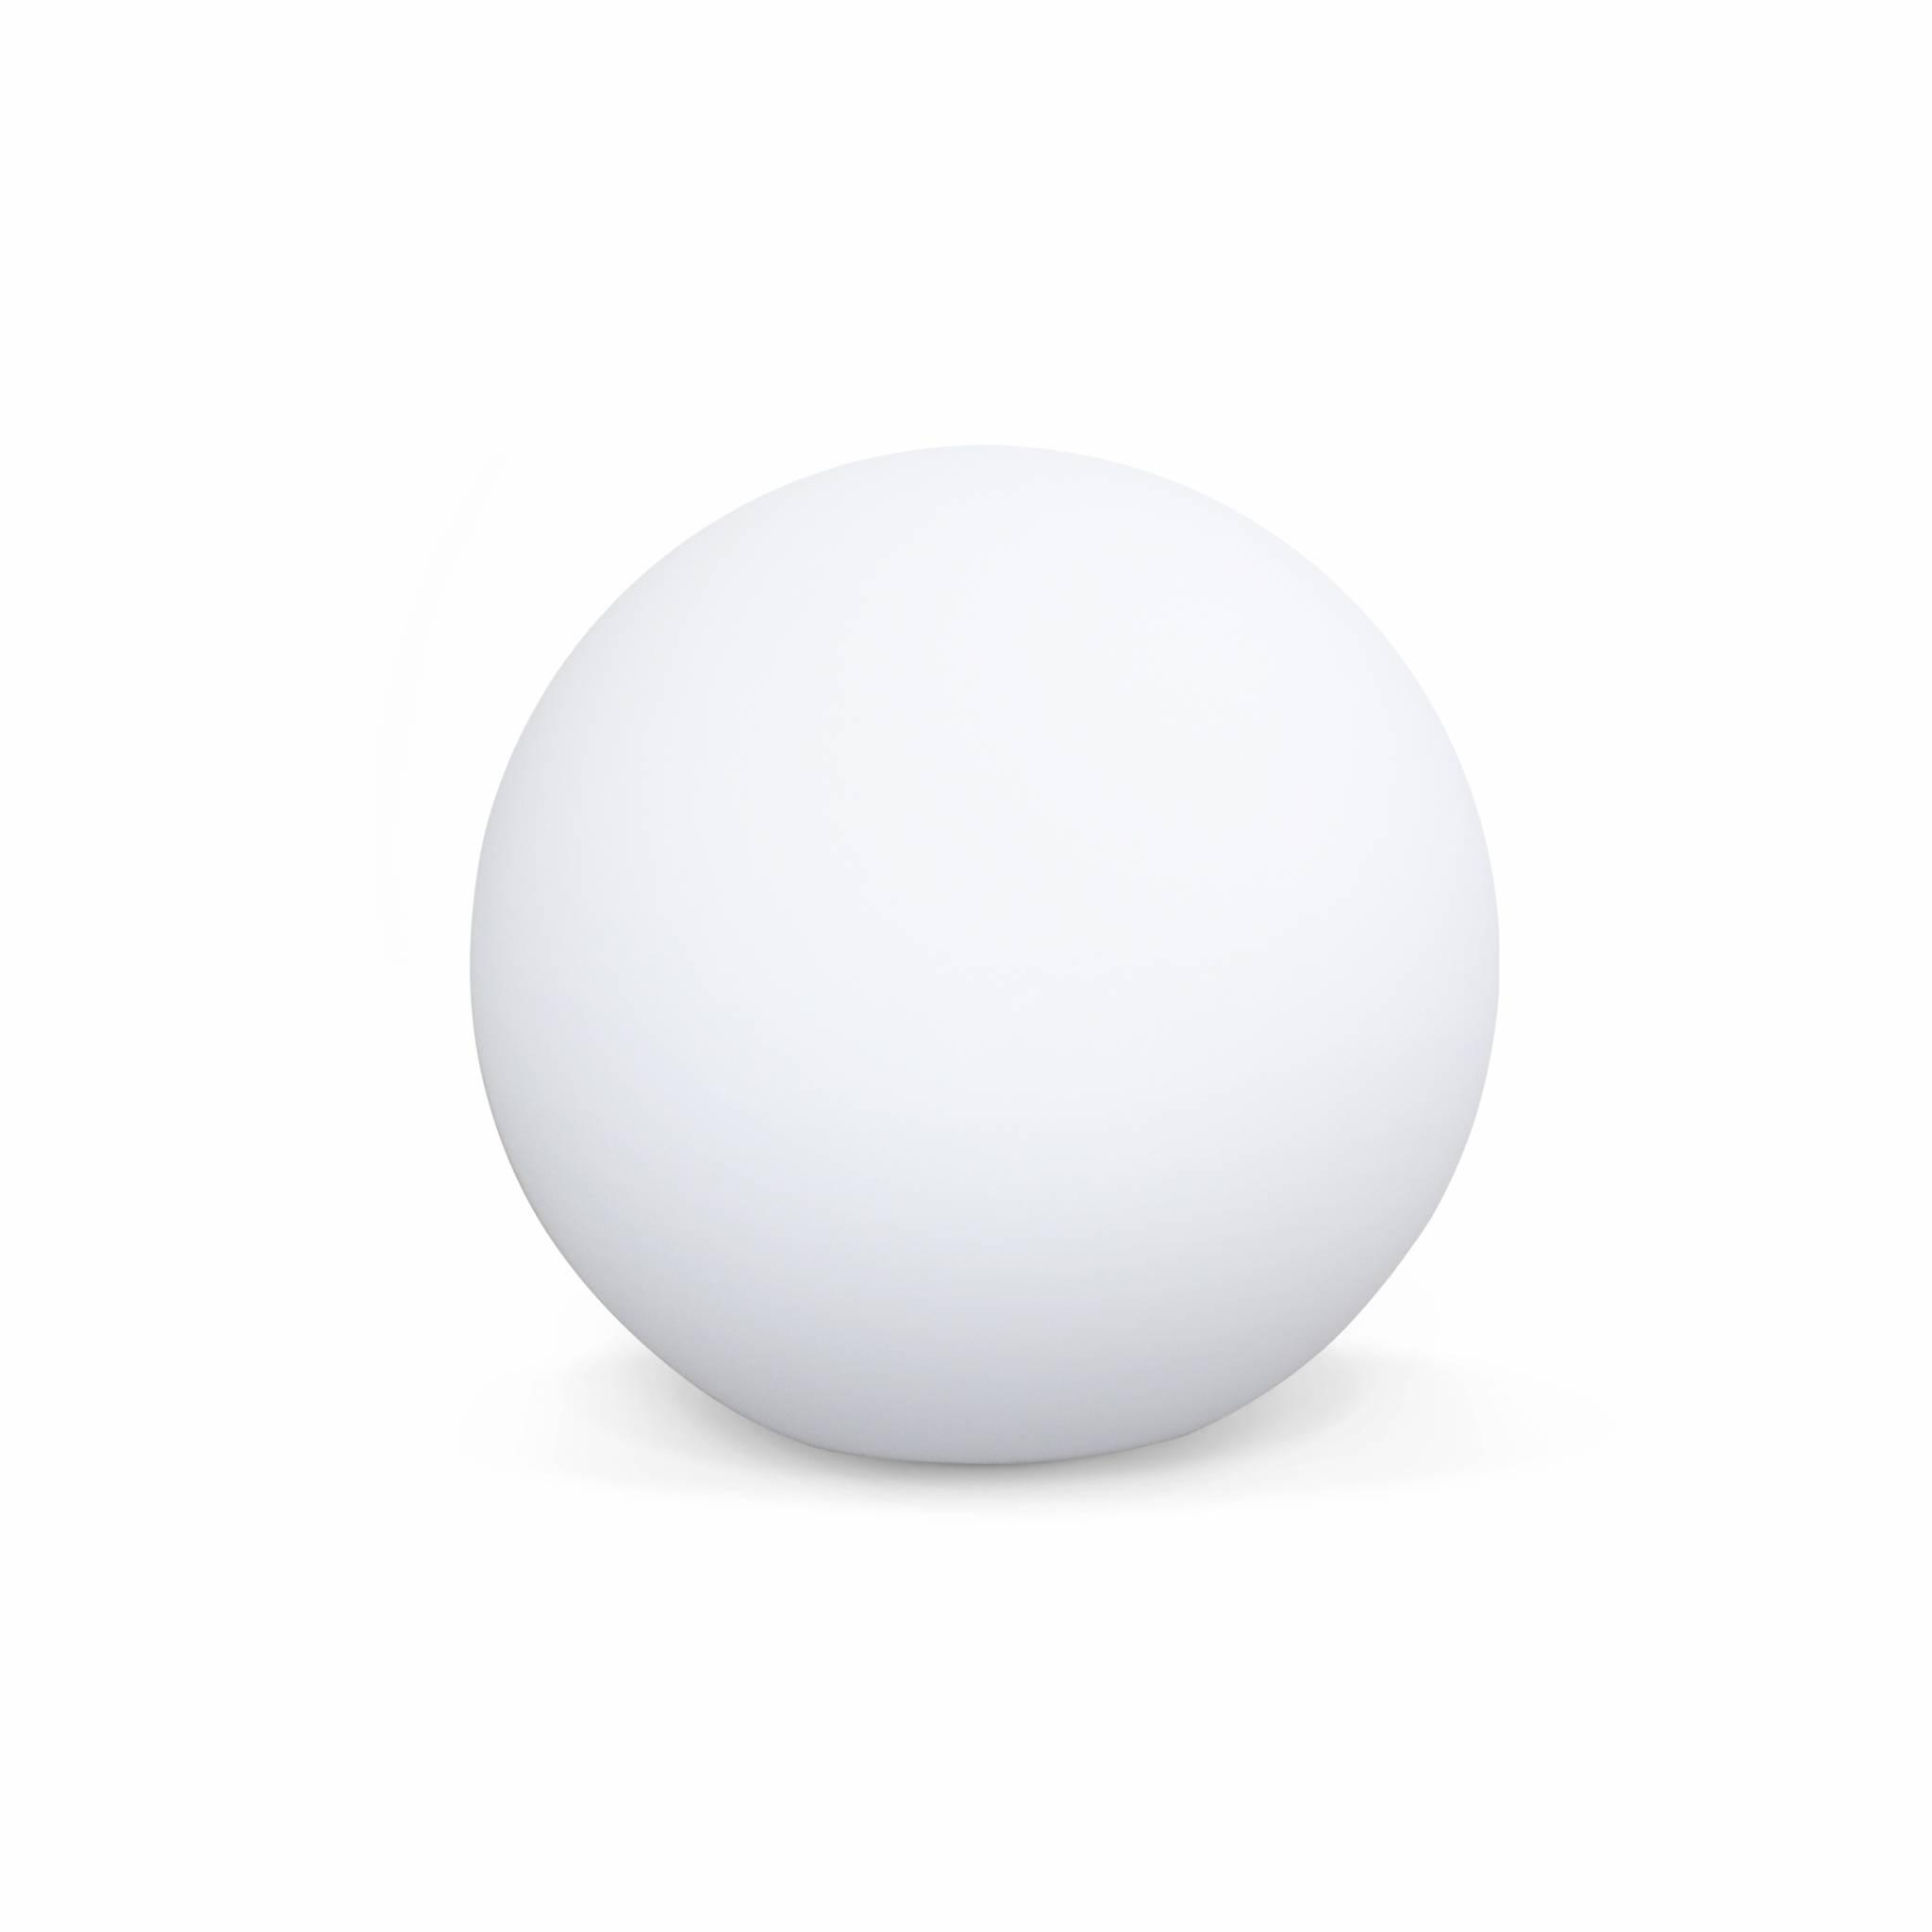 Boule led 30cm – sphère décorative lumineuse D30cm blanc chaud